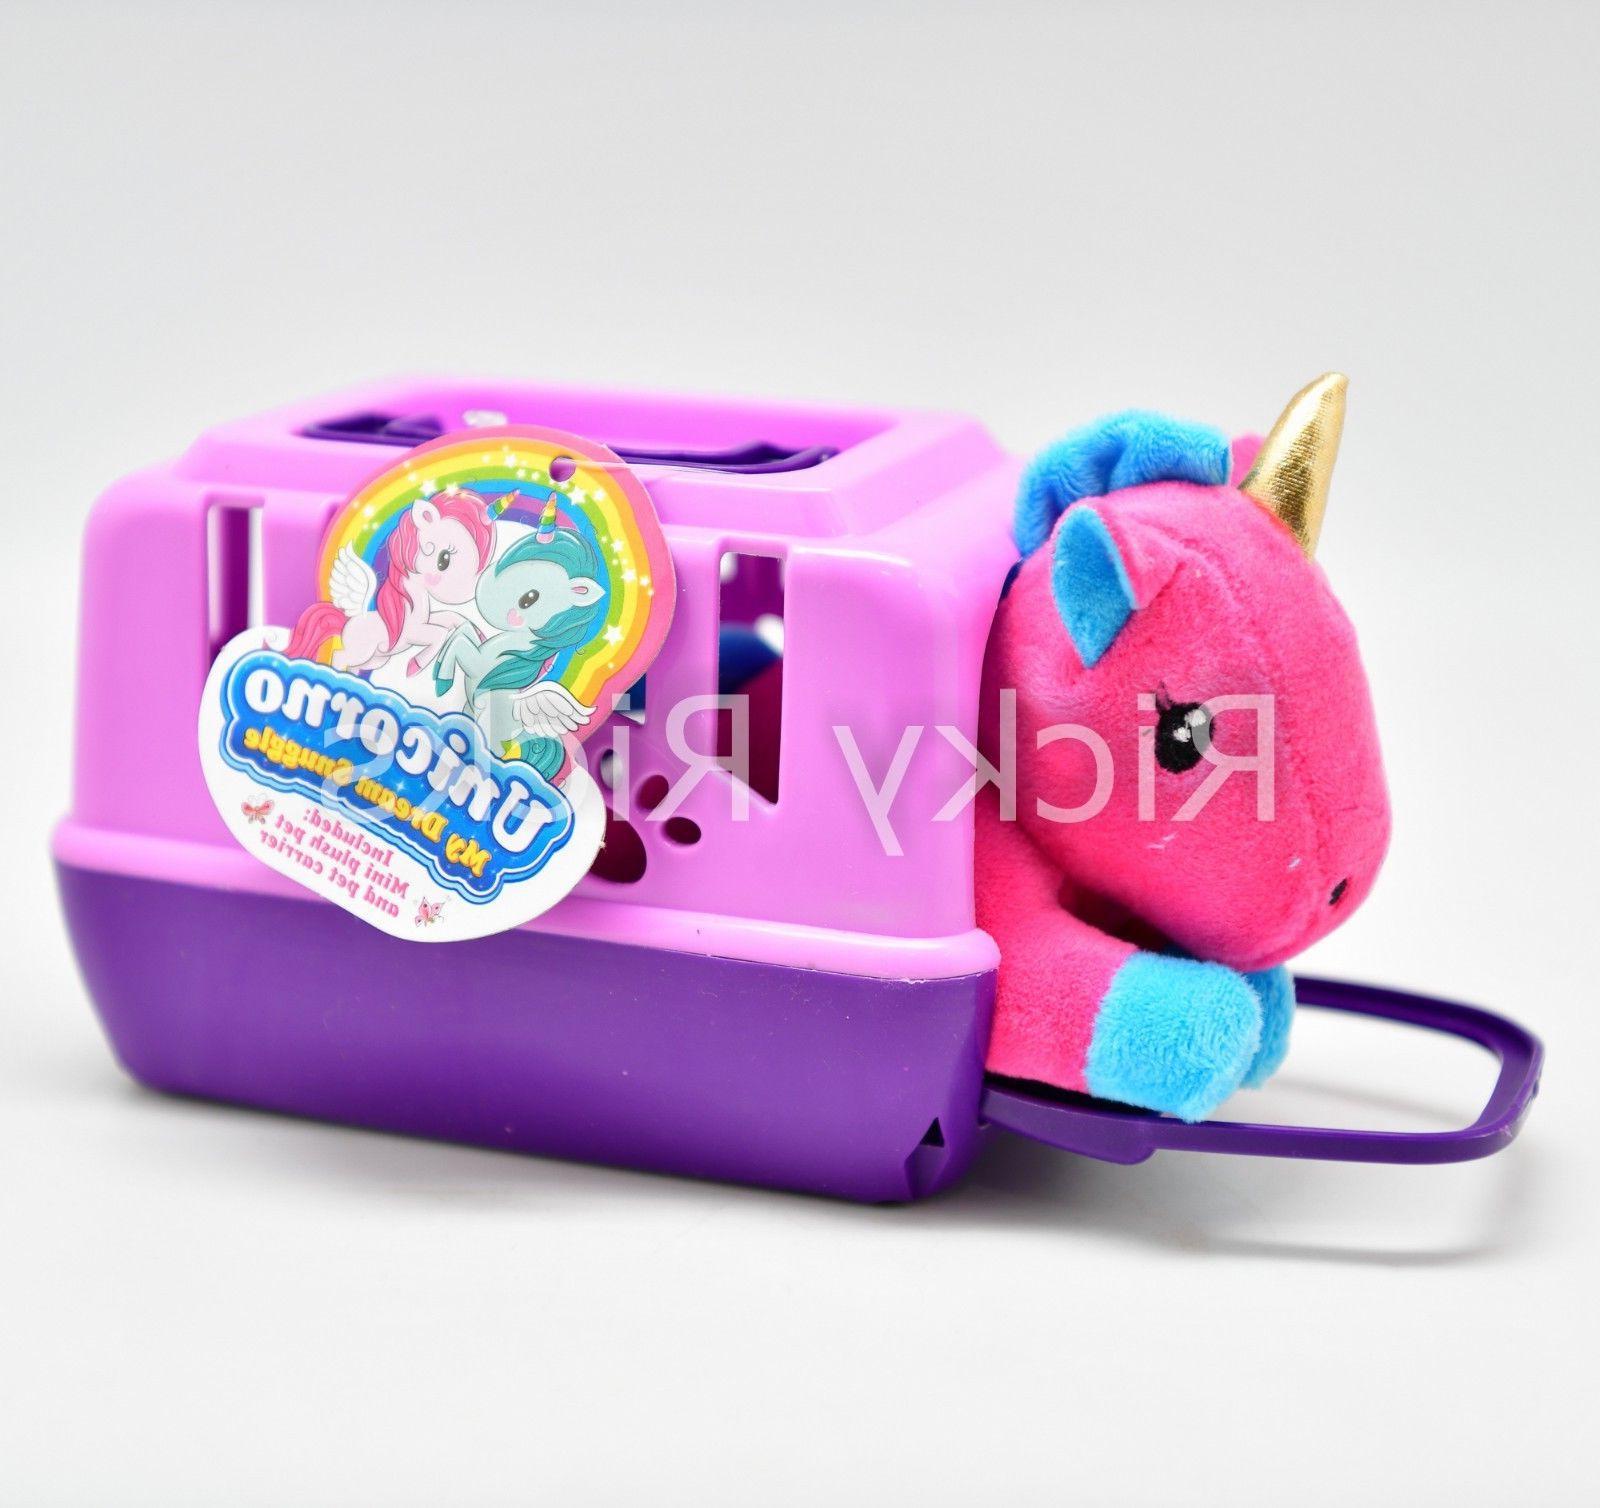 1 Toy Case Kids Stuffed Plush